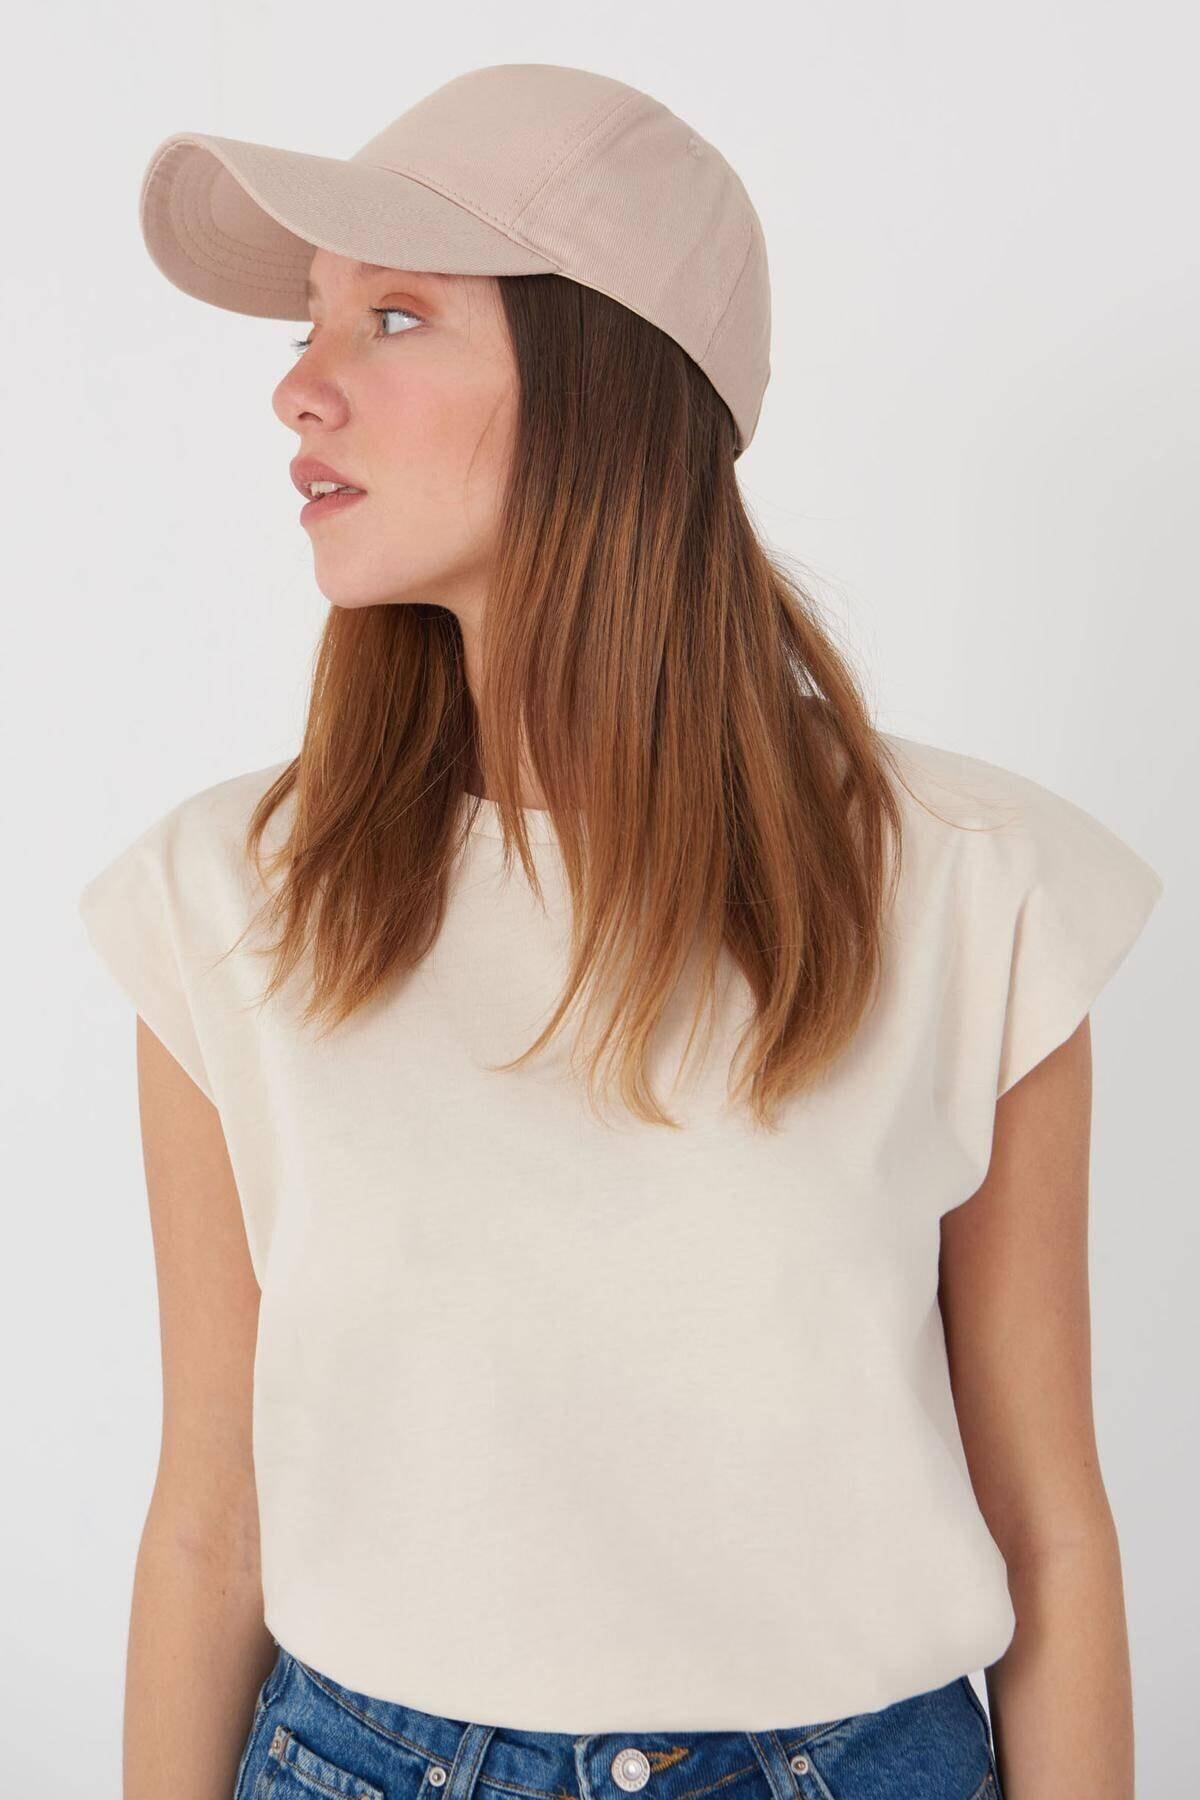 Addax Kadın Bej Unisex Şapka Şpk1007 - F1 Adx-0000022027 0